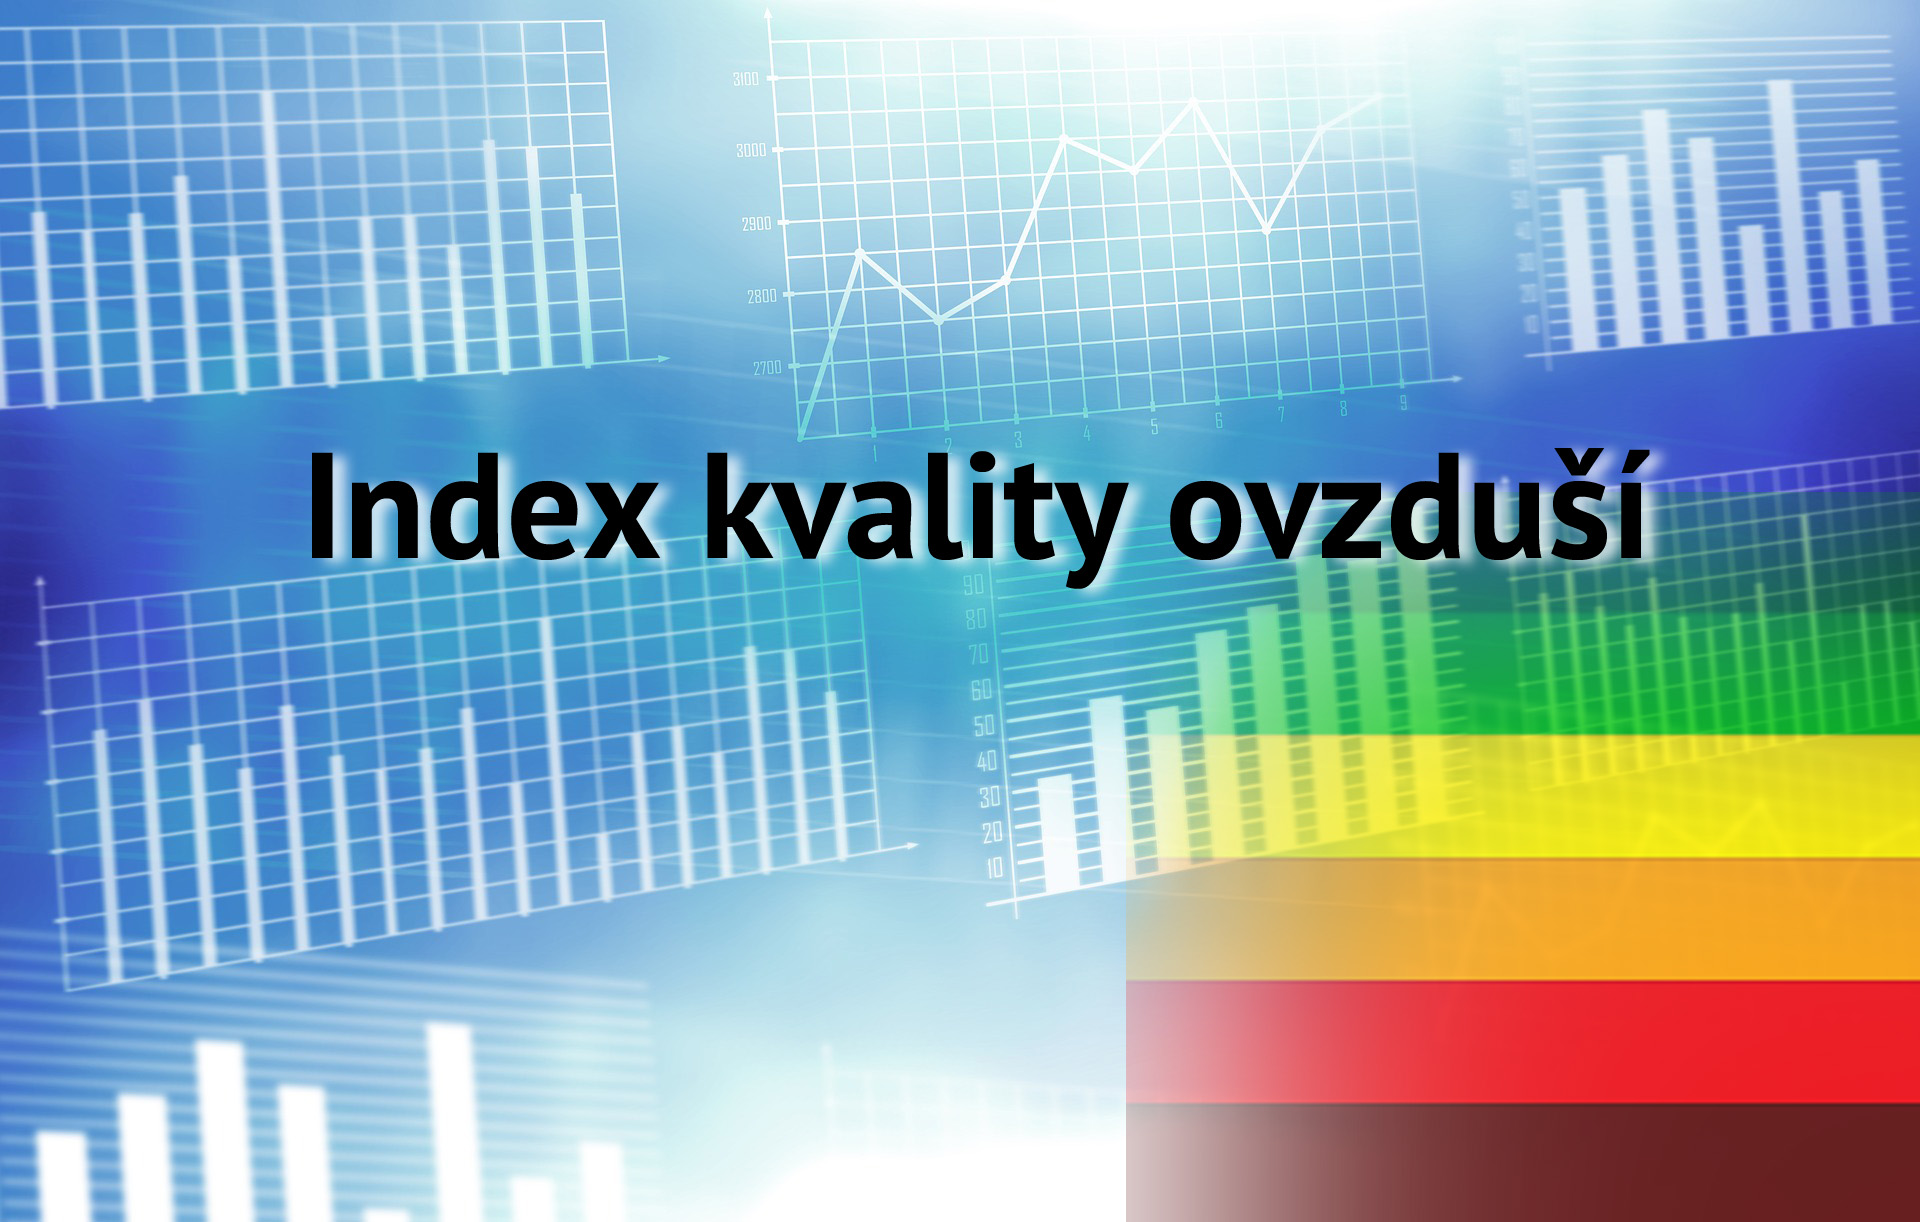 Nový index kvality ovzduší4 min čtení